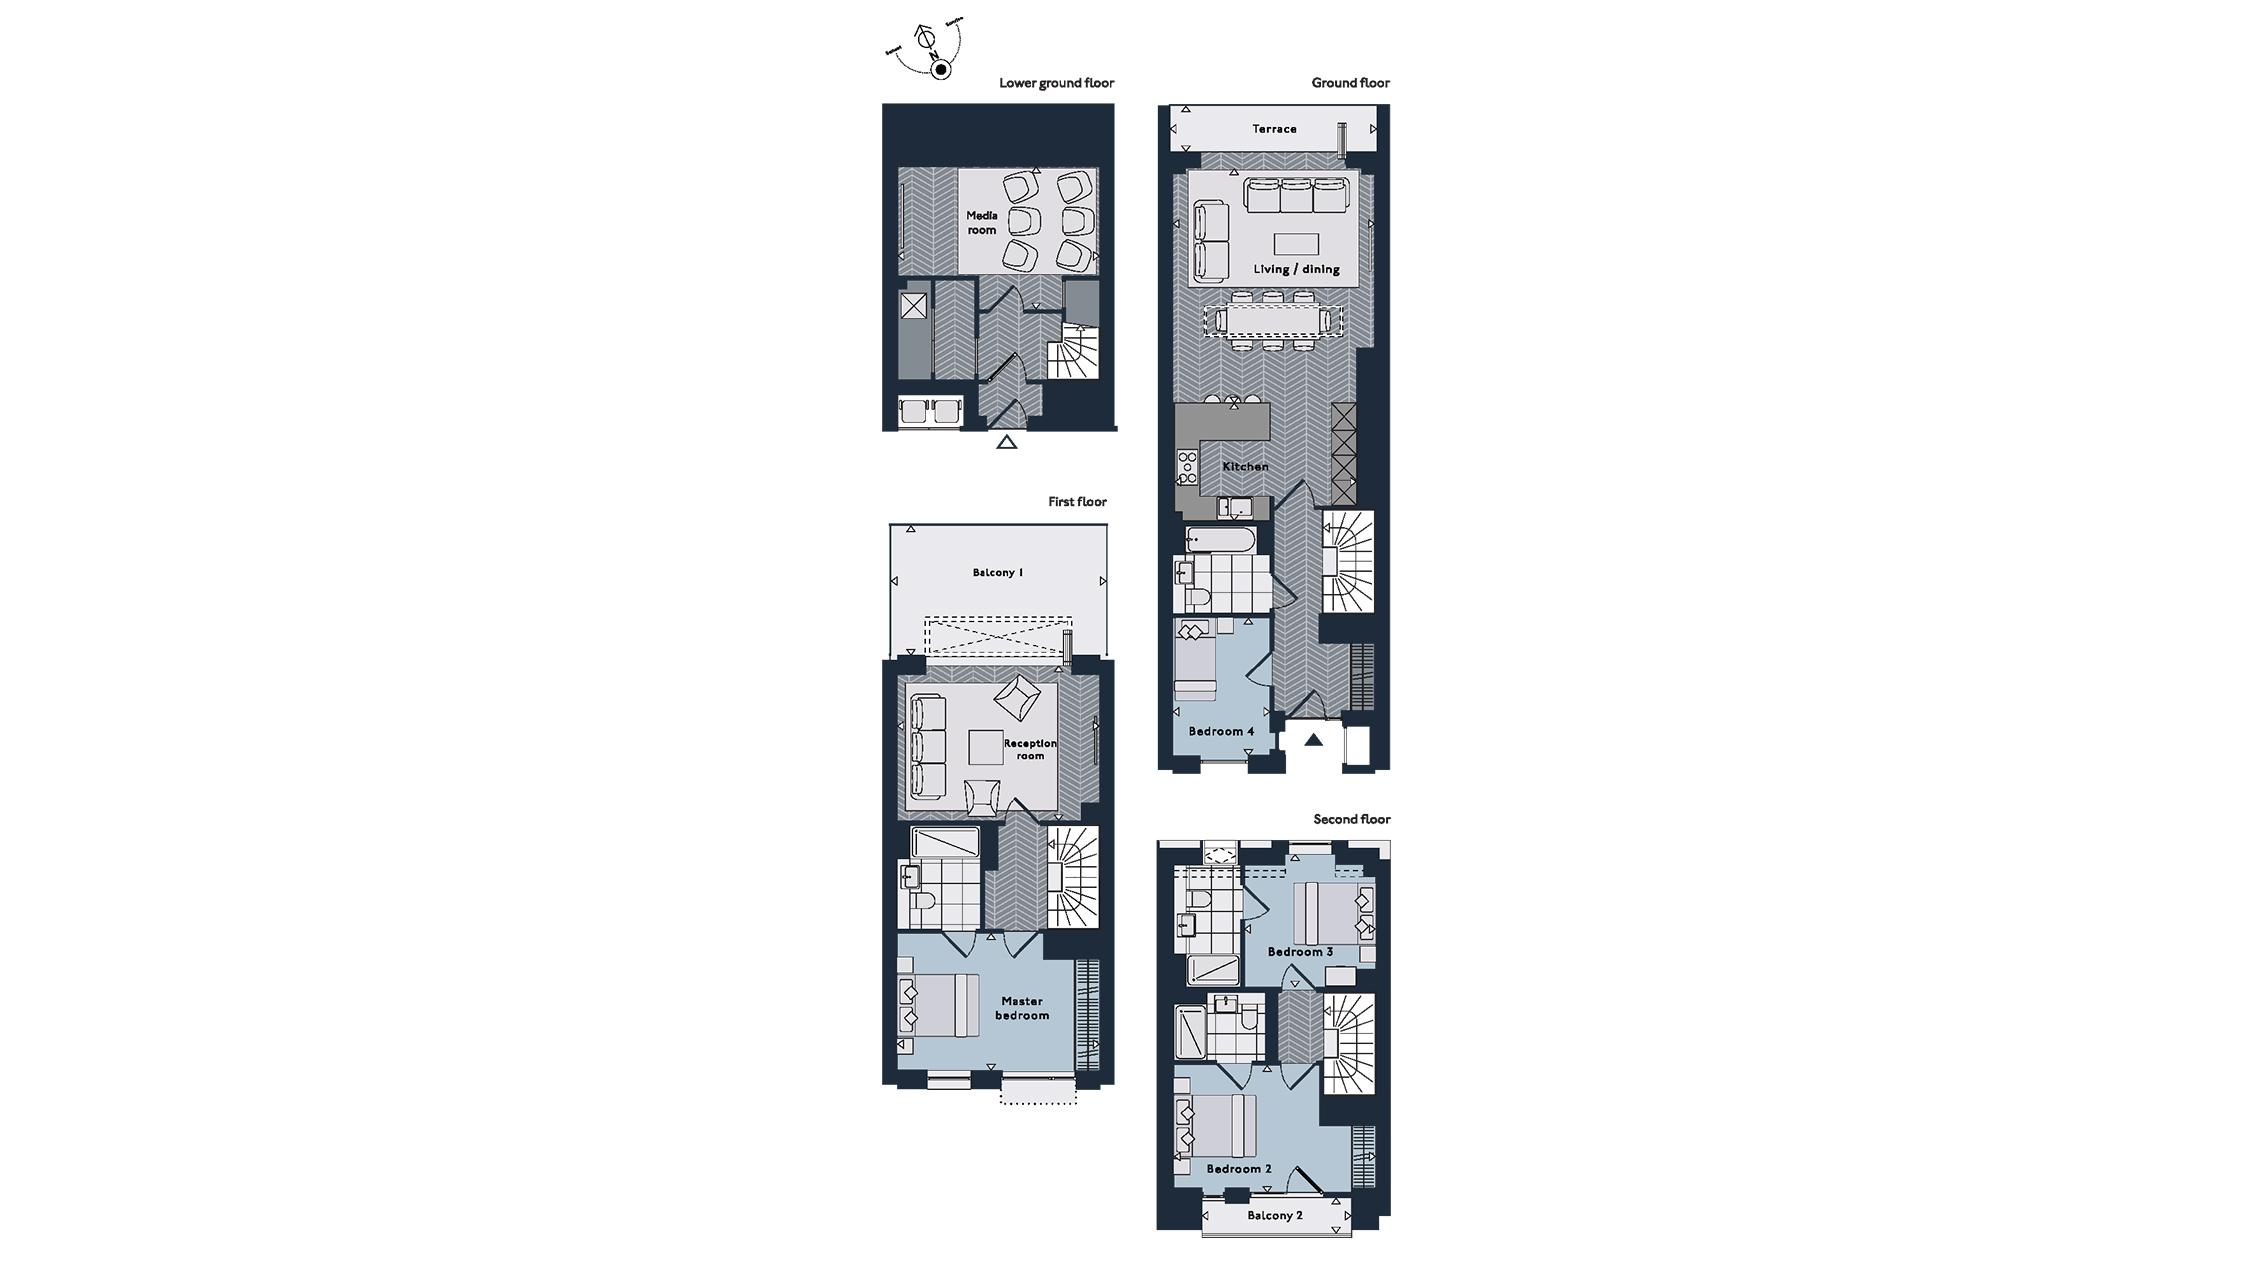 Https://D2Hxw1Celoutbe.Cloudfront.Net/Media/Filer_Public/71/41/7141737F-3F59-473D-Af0C-46B89A87E14E/Hm-4-Tiel-Row-Floorplan.Jpg